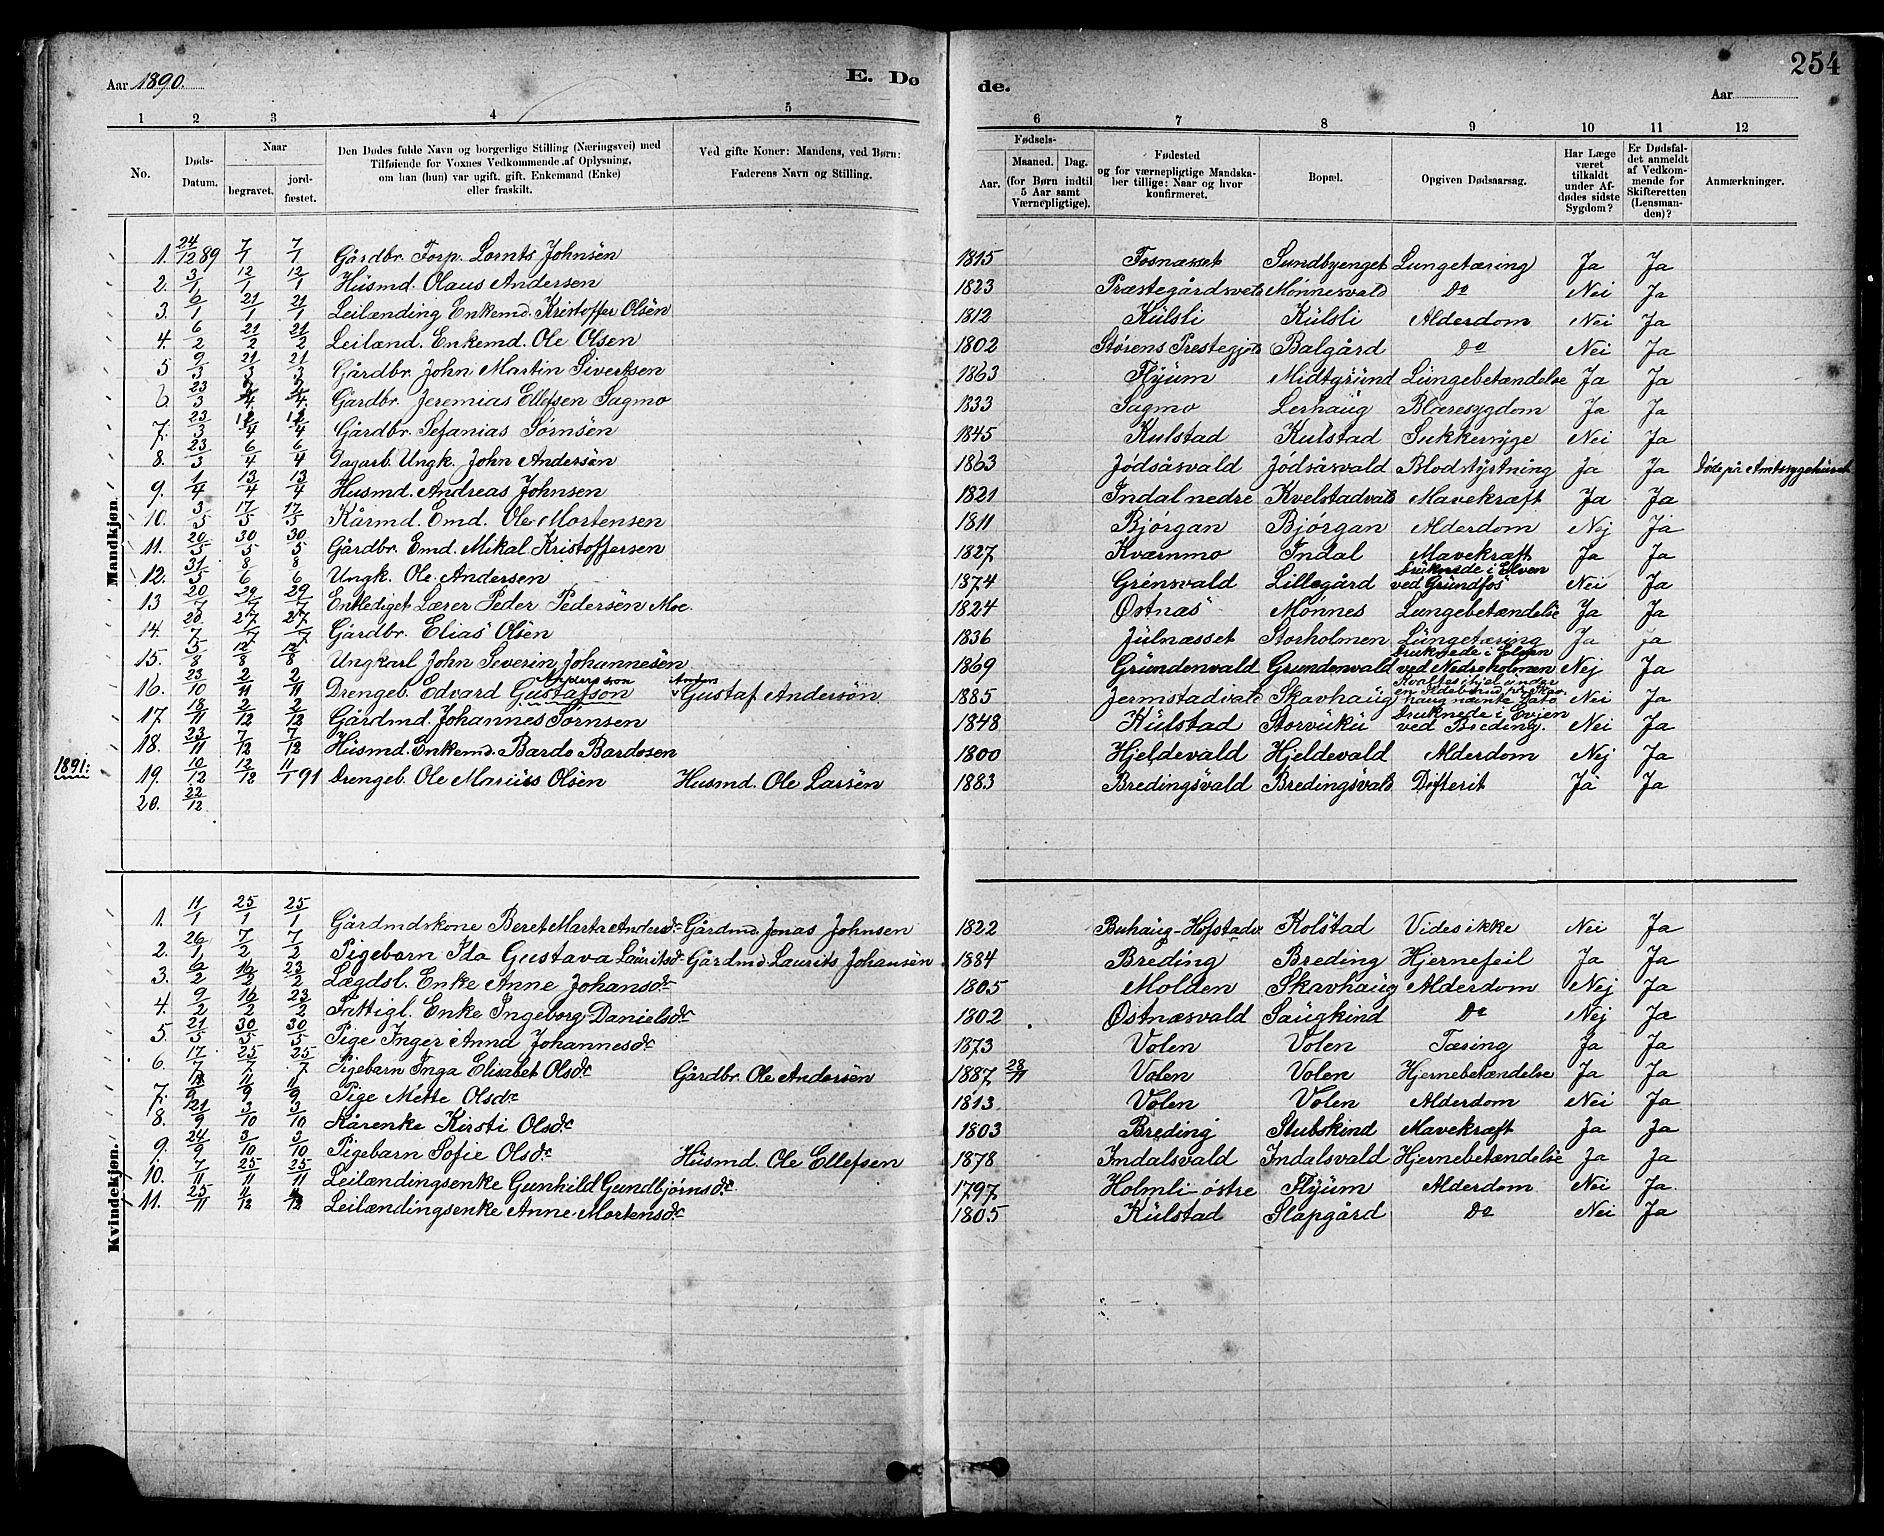 SAT, Ministerialprotokoller, klokkerbøker og fødselsregistre - Nord-Trøndelag, 724/L0267: Klokkerbok nr. 724C03, 1879-1898, s. 254